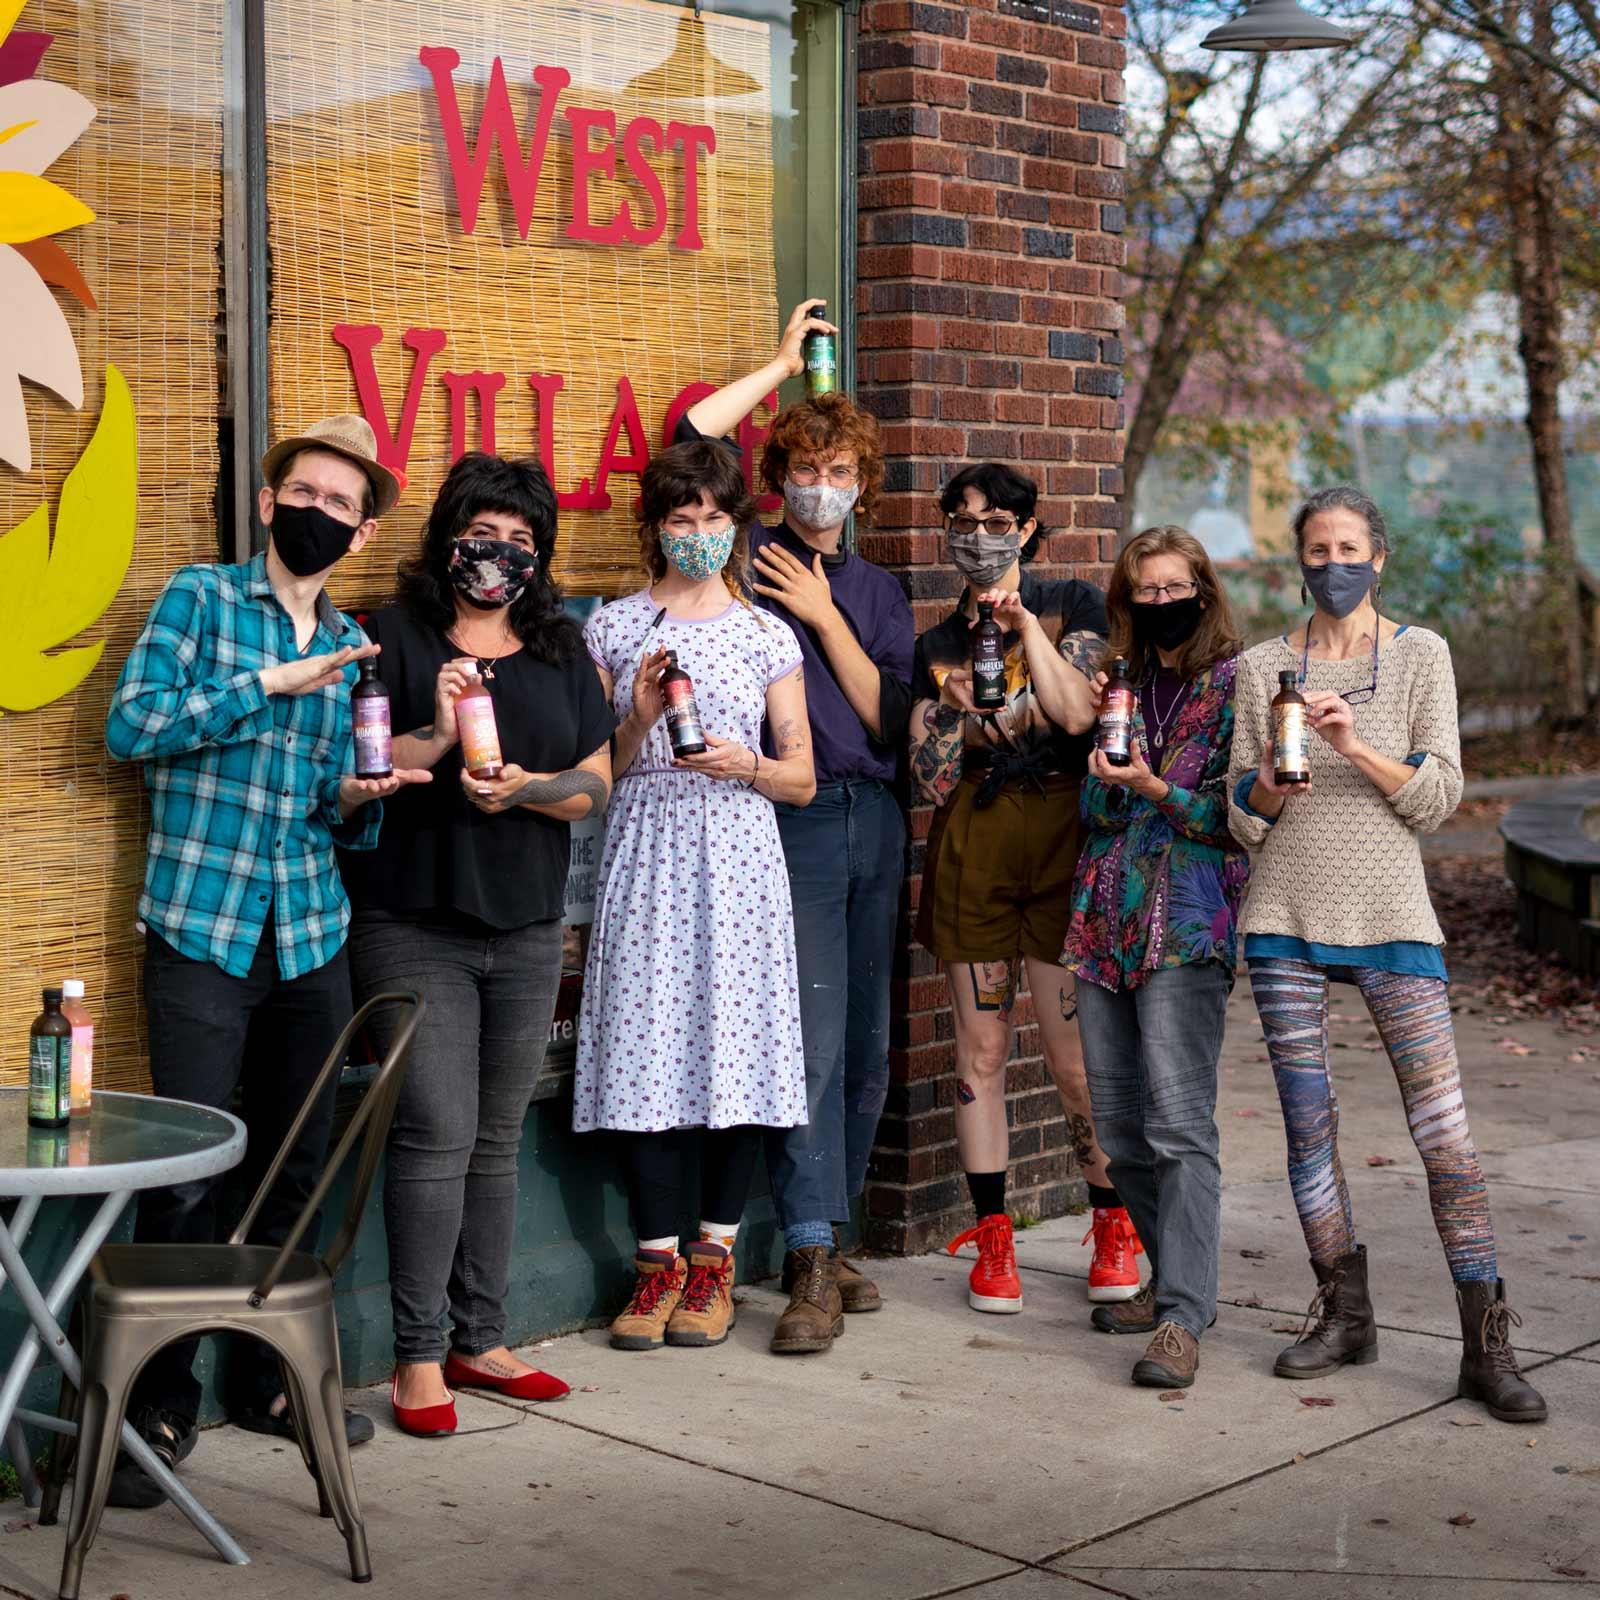 Portraits of Our Partners: West Village Market